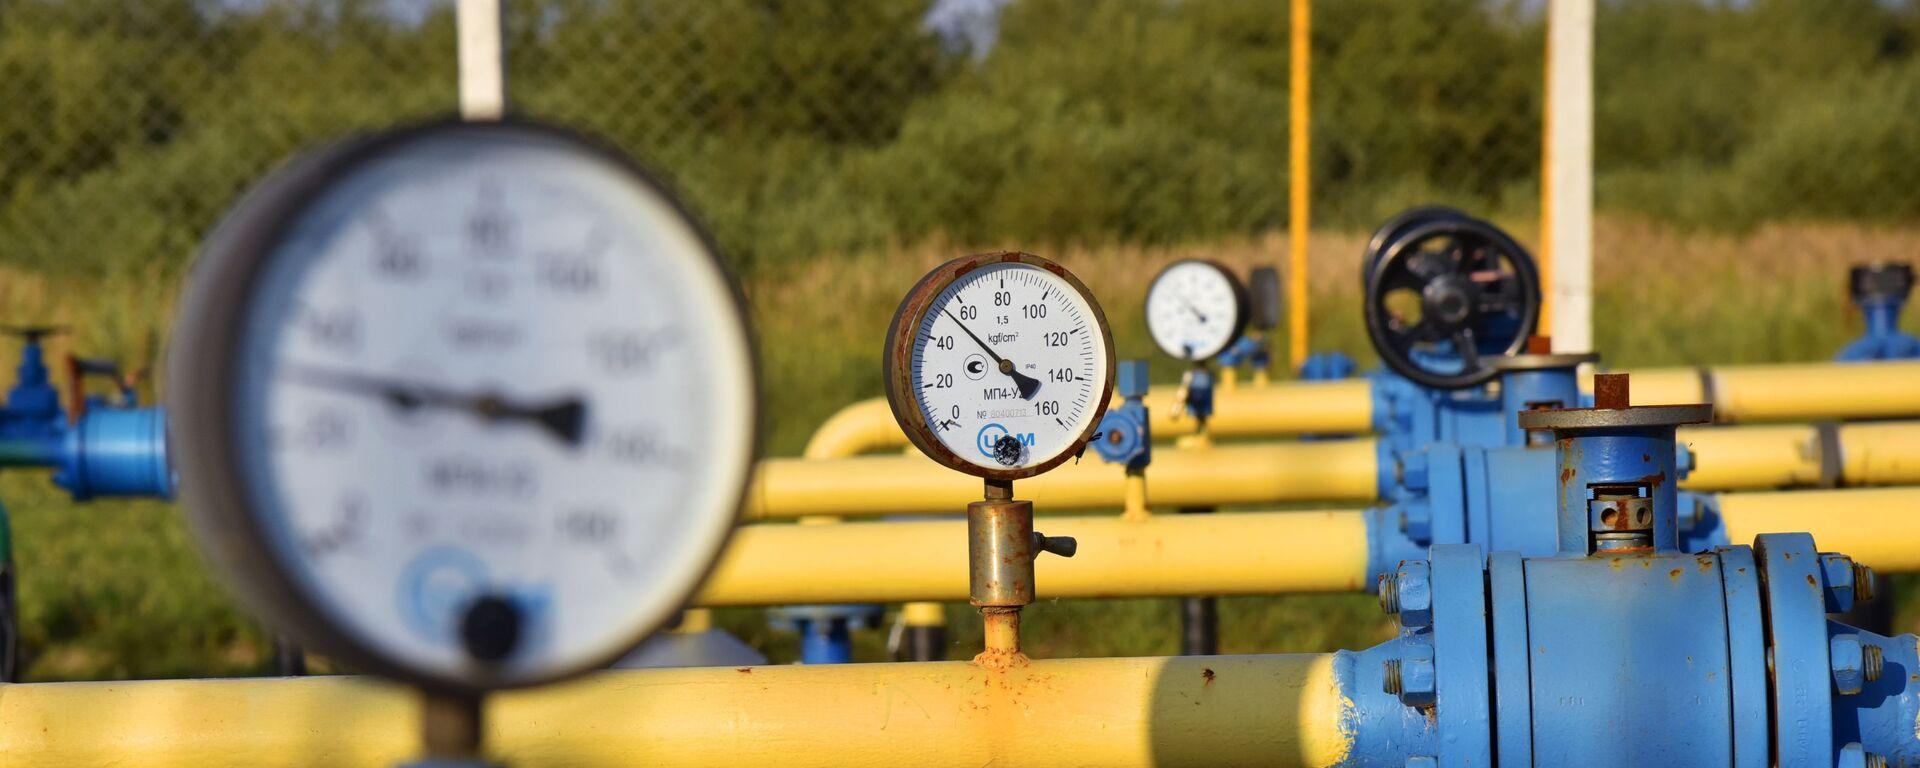 Комплекс подготовки экспортного газа на Украине. - Sputnik Армения, 1920, 27.09.2021